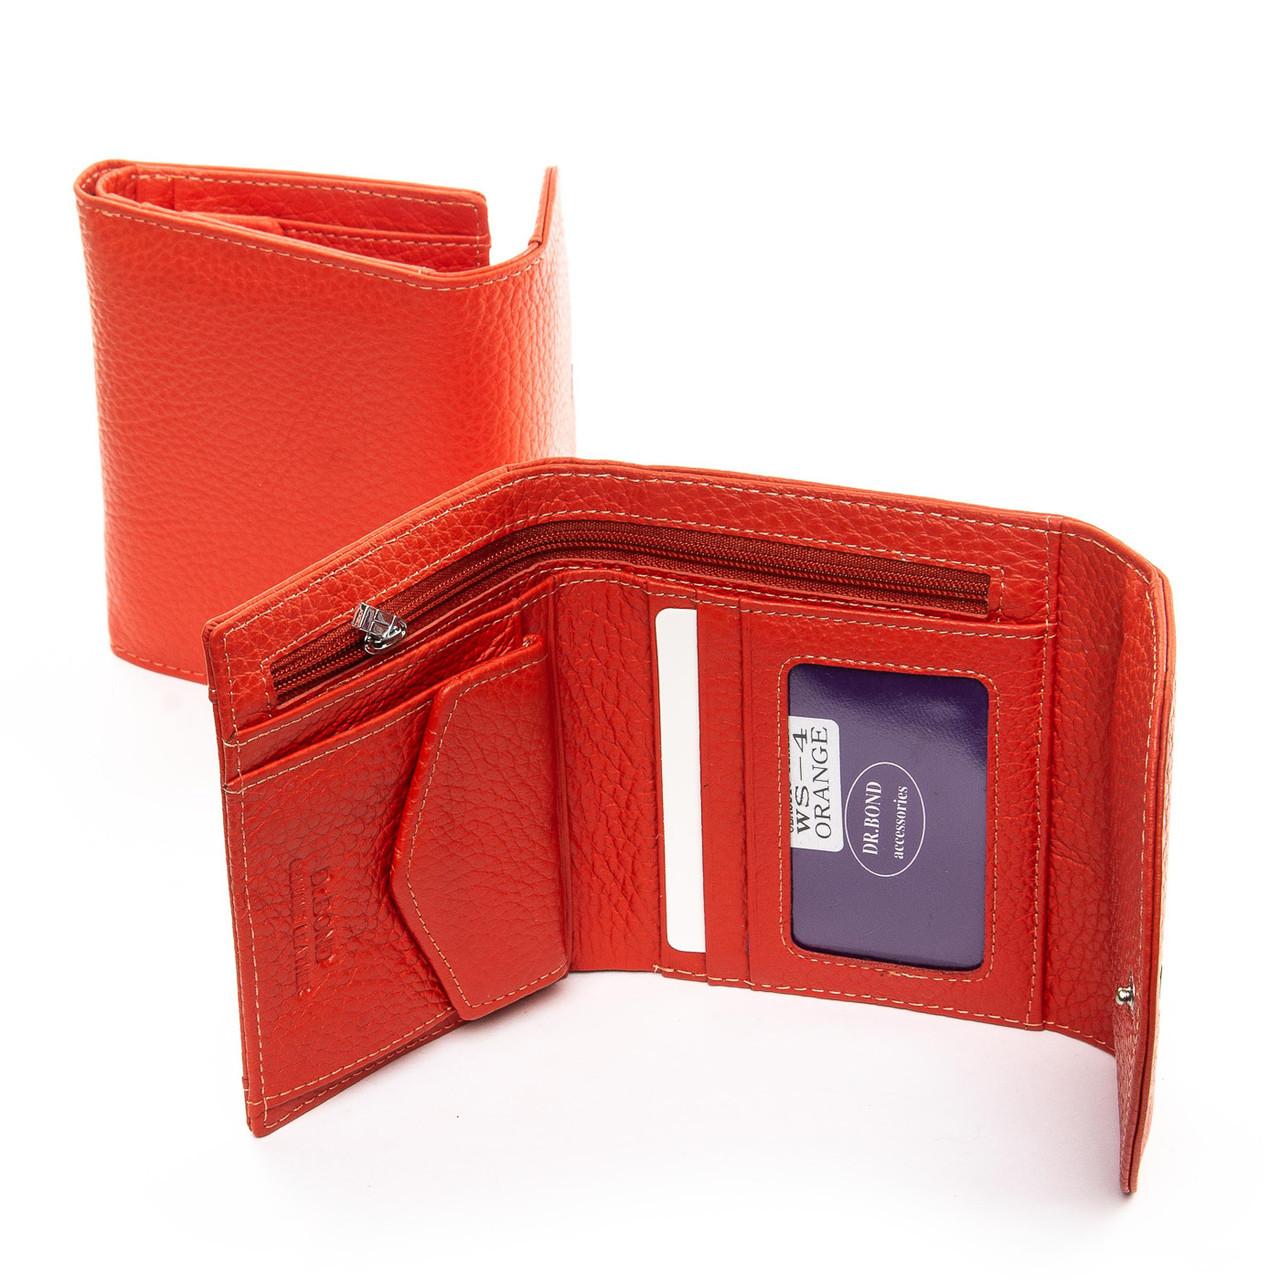 Гаманець на кнопці, колір - помаранчевий, Classic шкіра DR. BOND (WS-4 orange)